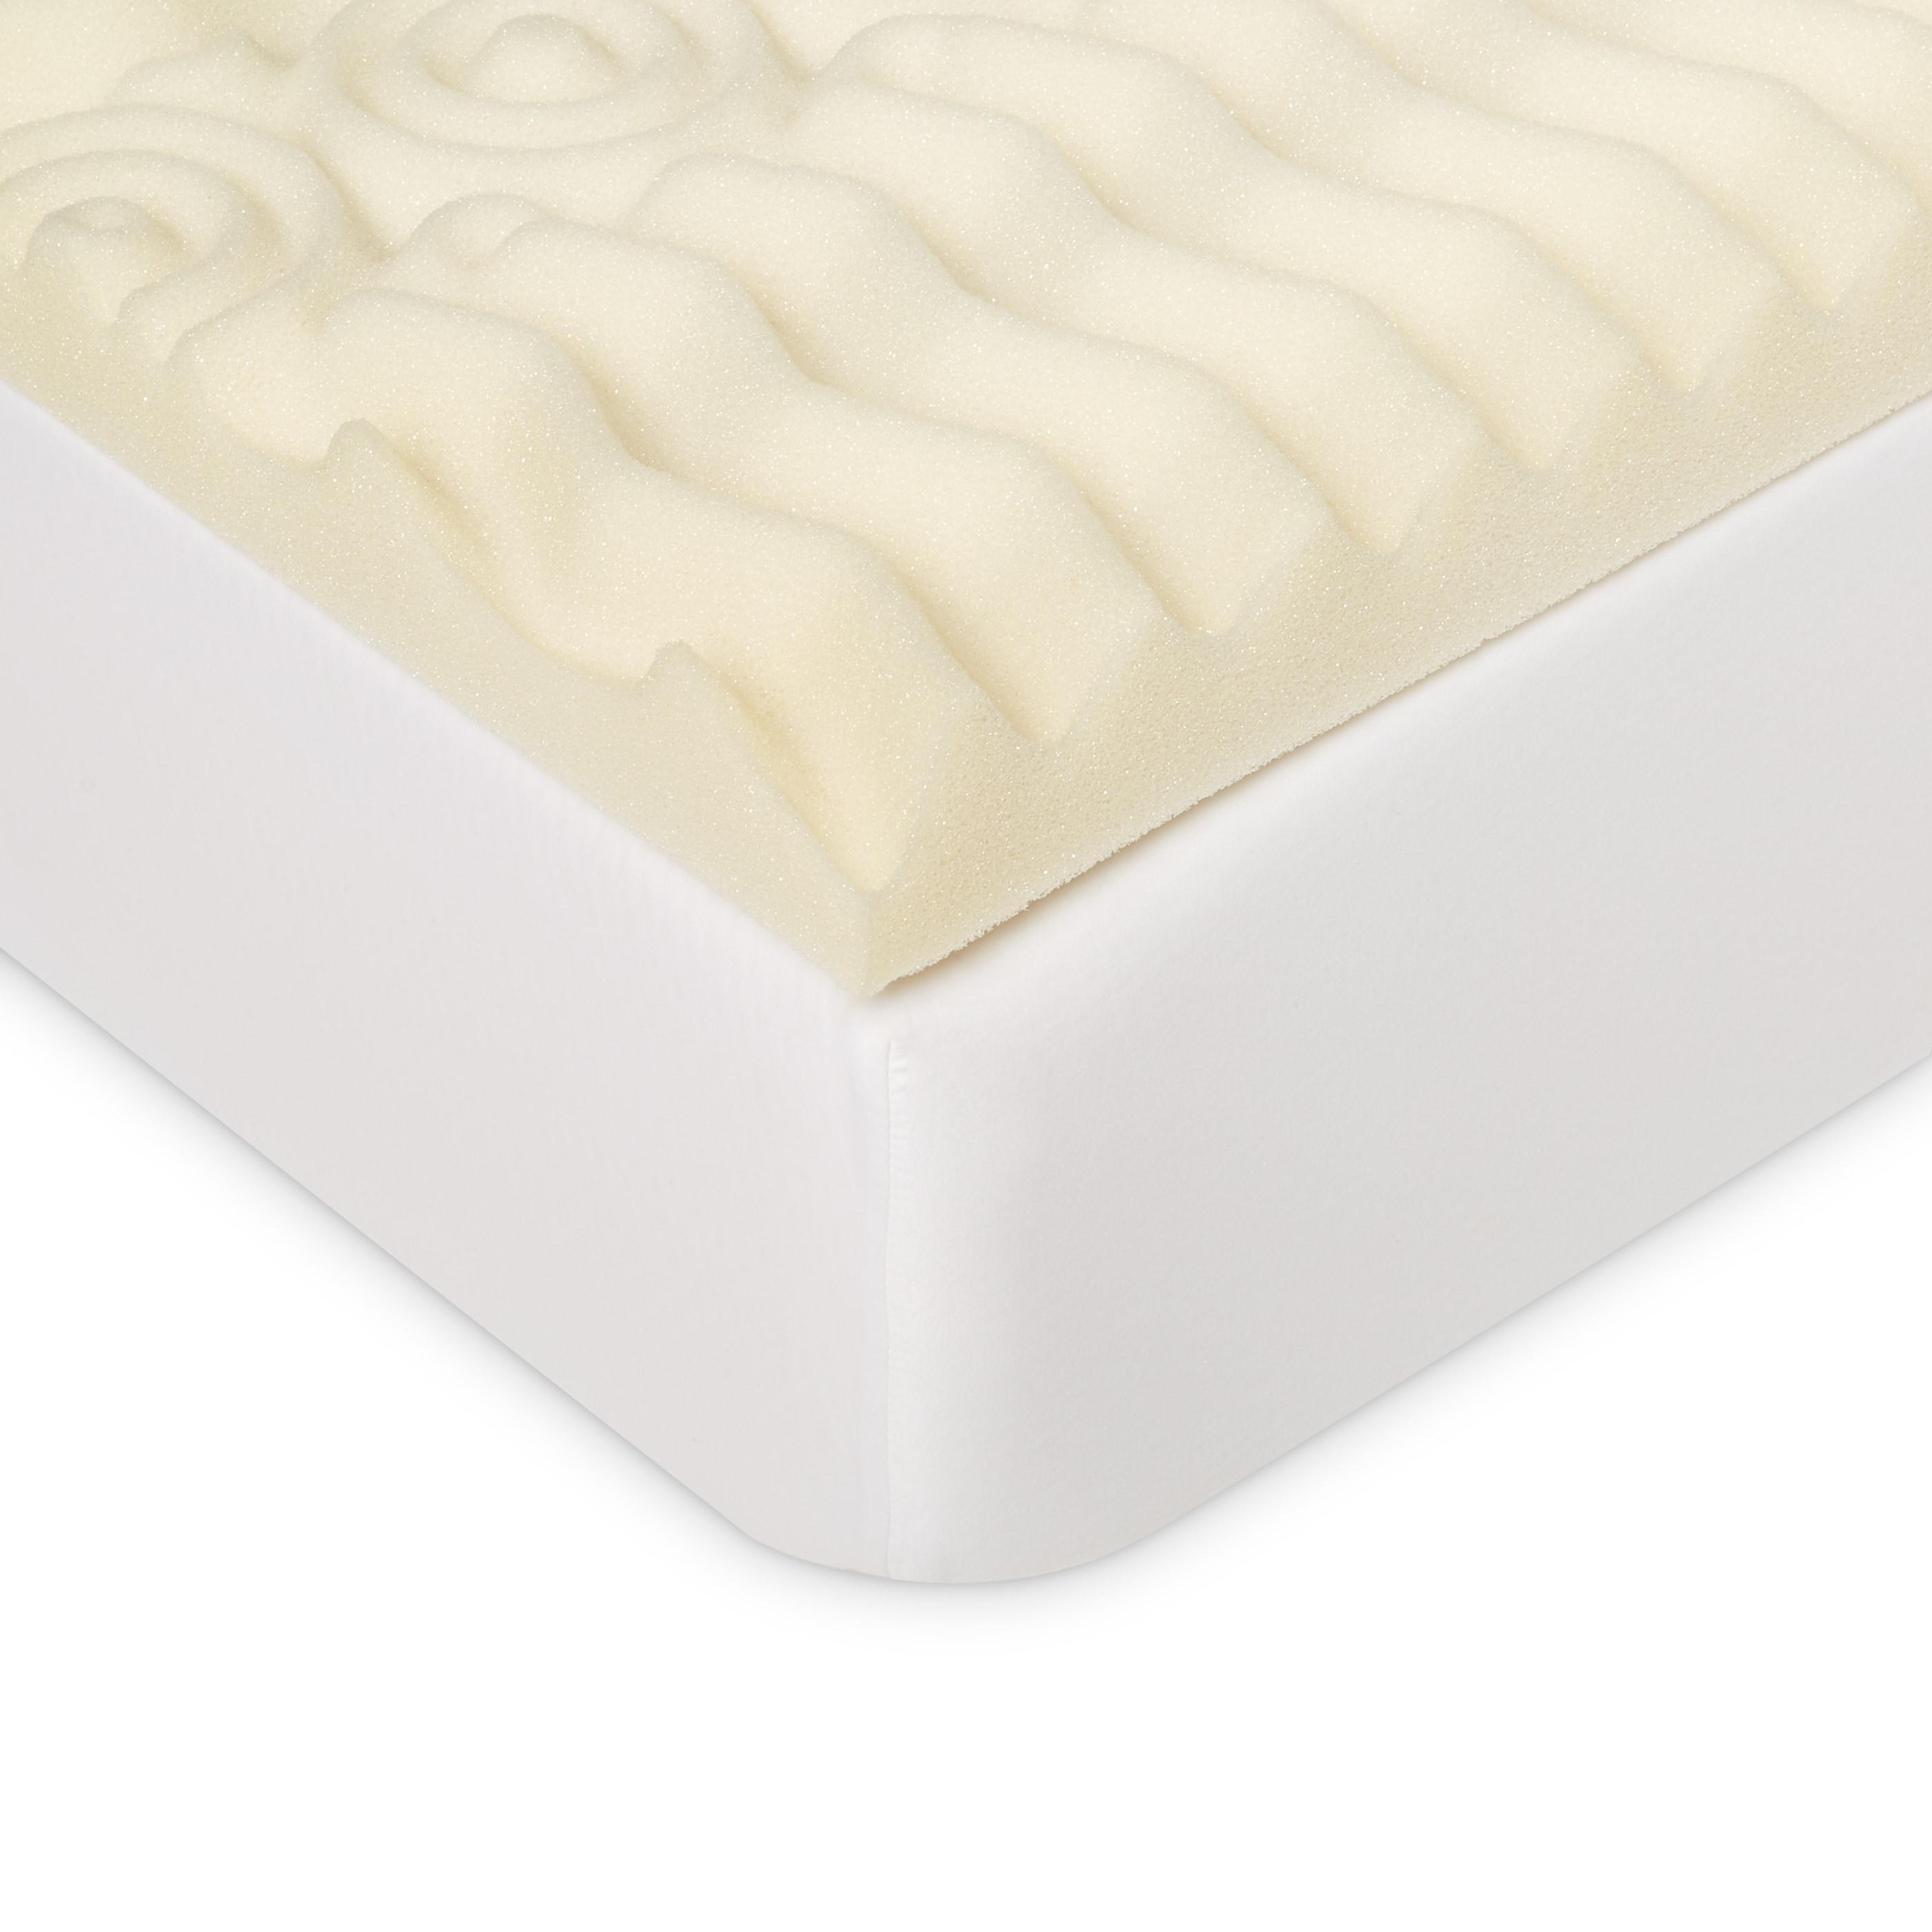 Select Luxury 3 inch Memory Foam 7 zone Mattress Topper Free